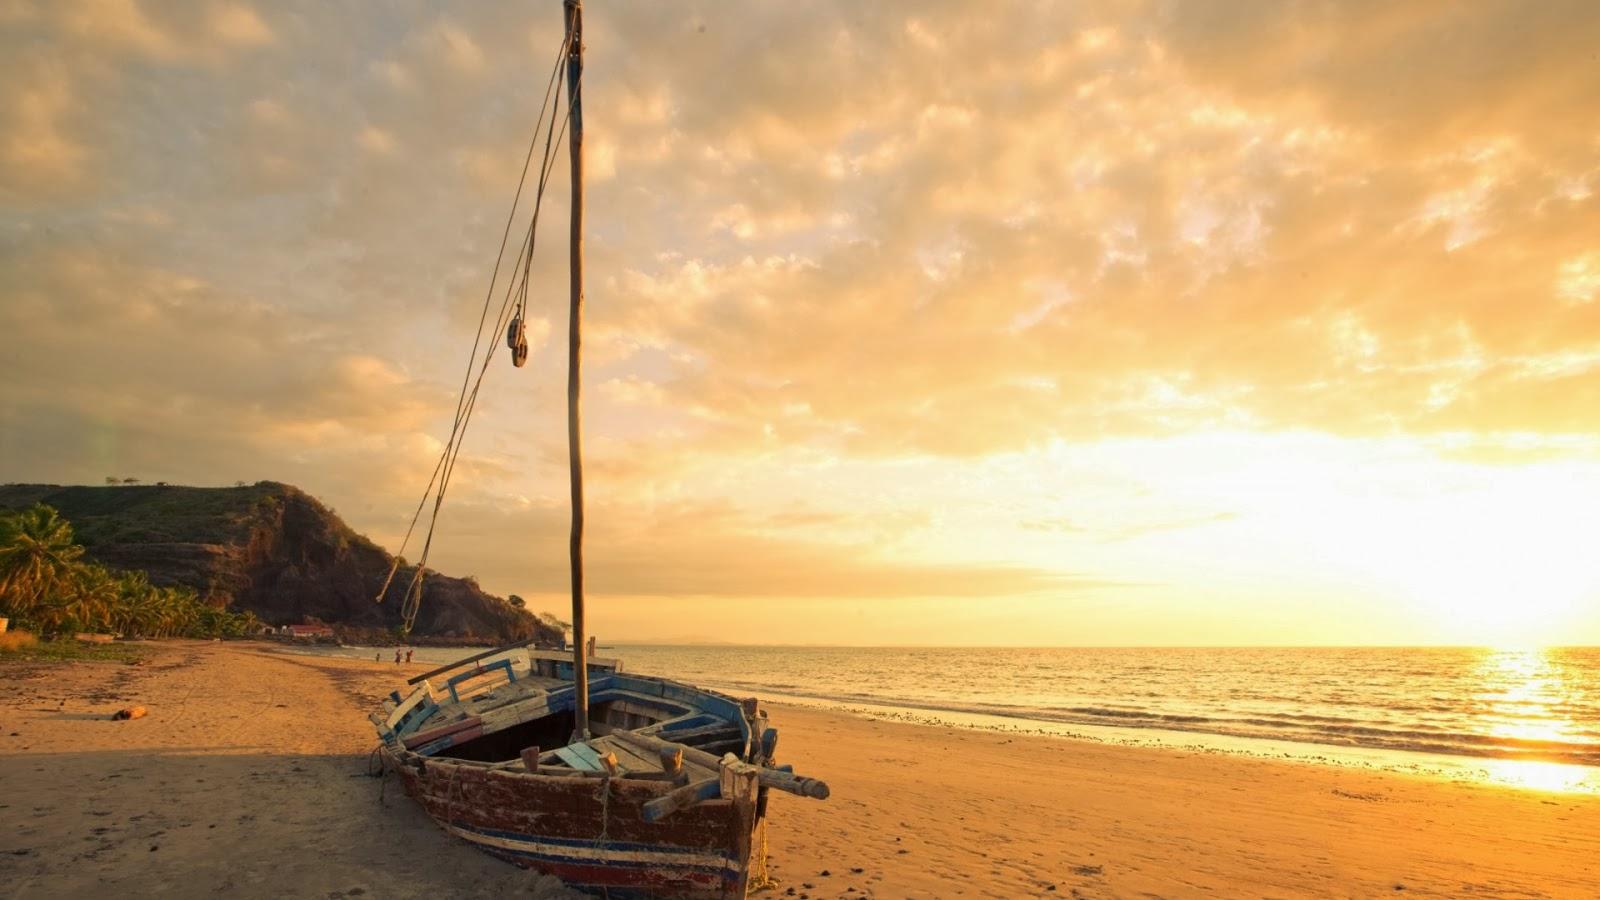 un golpe arriba viejo velero en una playa al amanecer